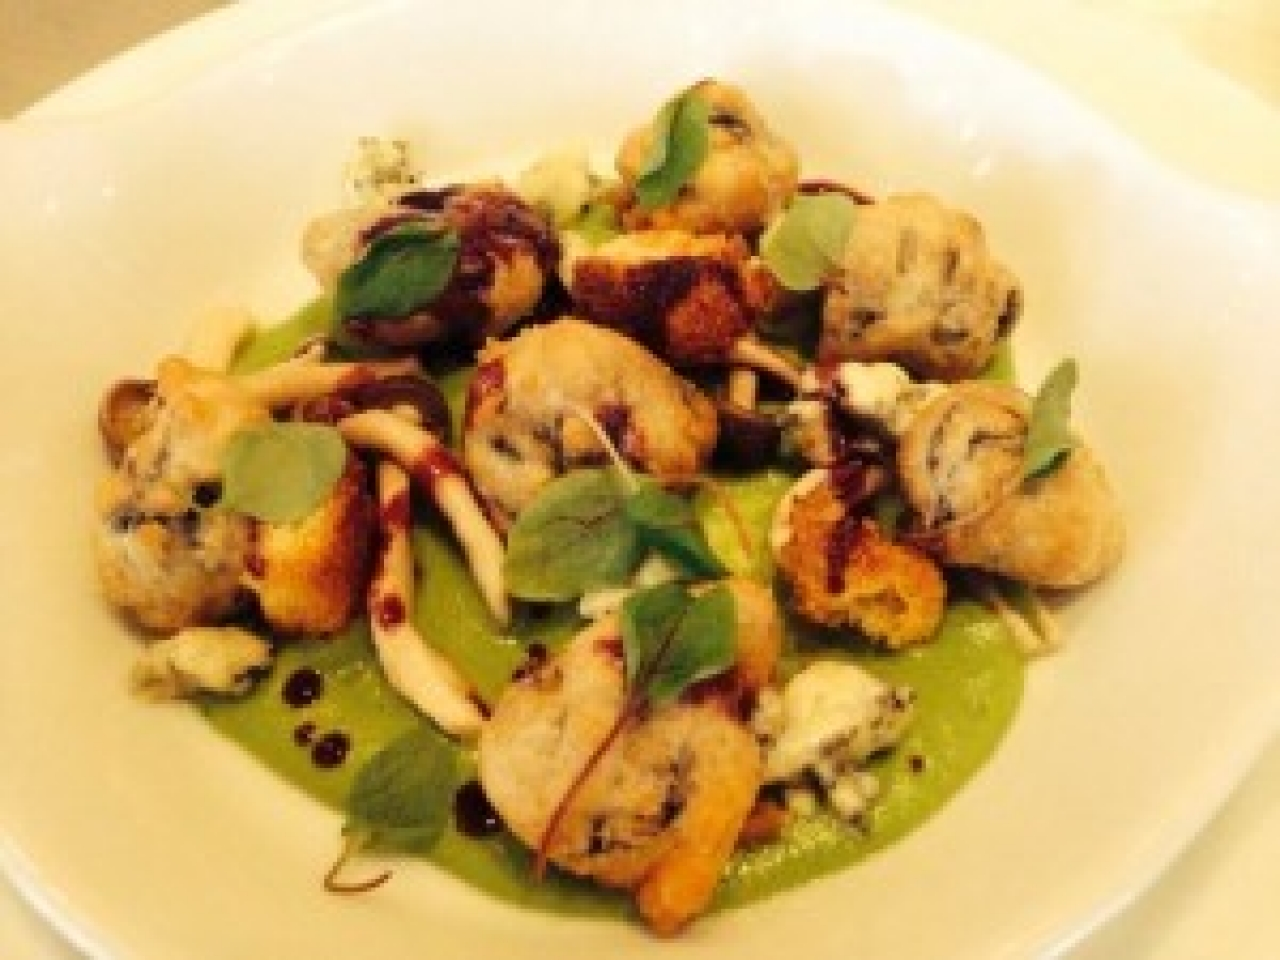 Zdjęcie główne #149 - Ślimaki w tempurze z sosem sojowym